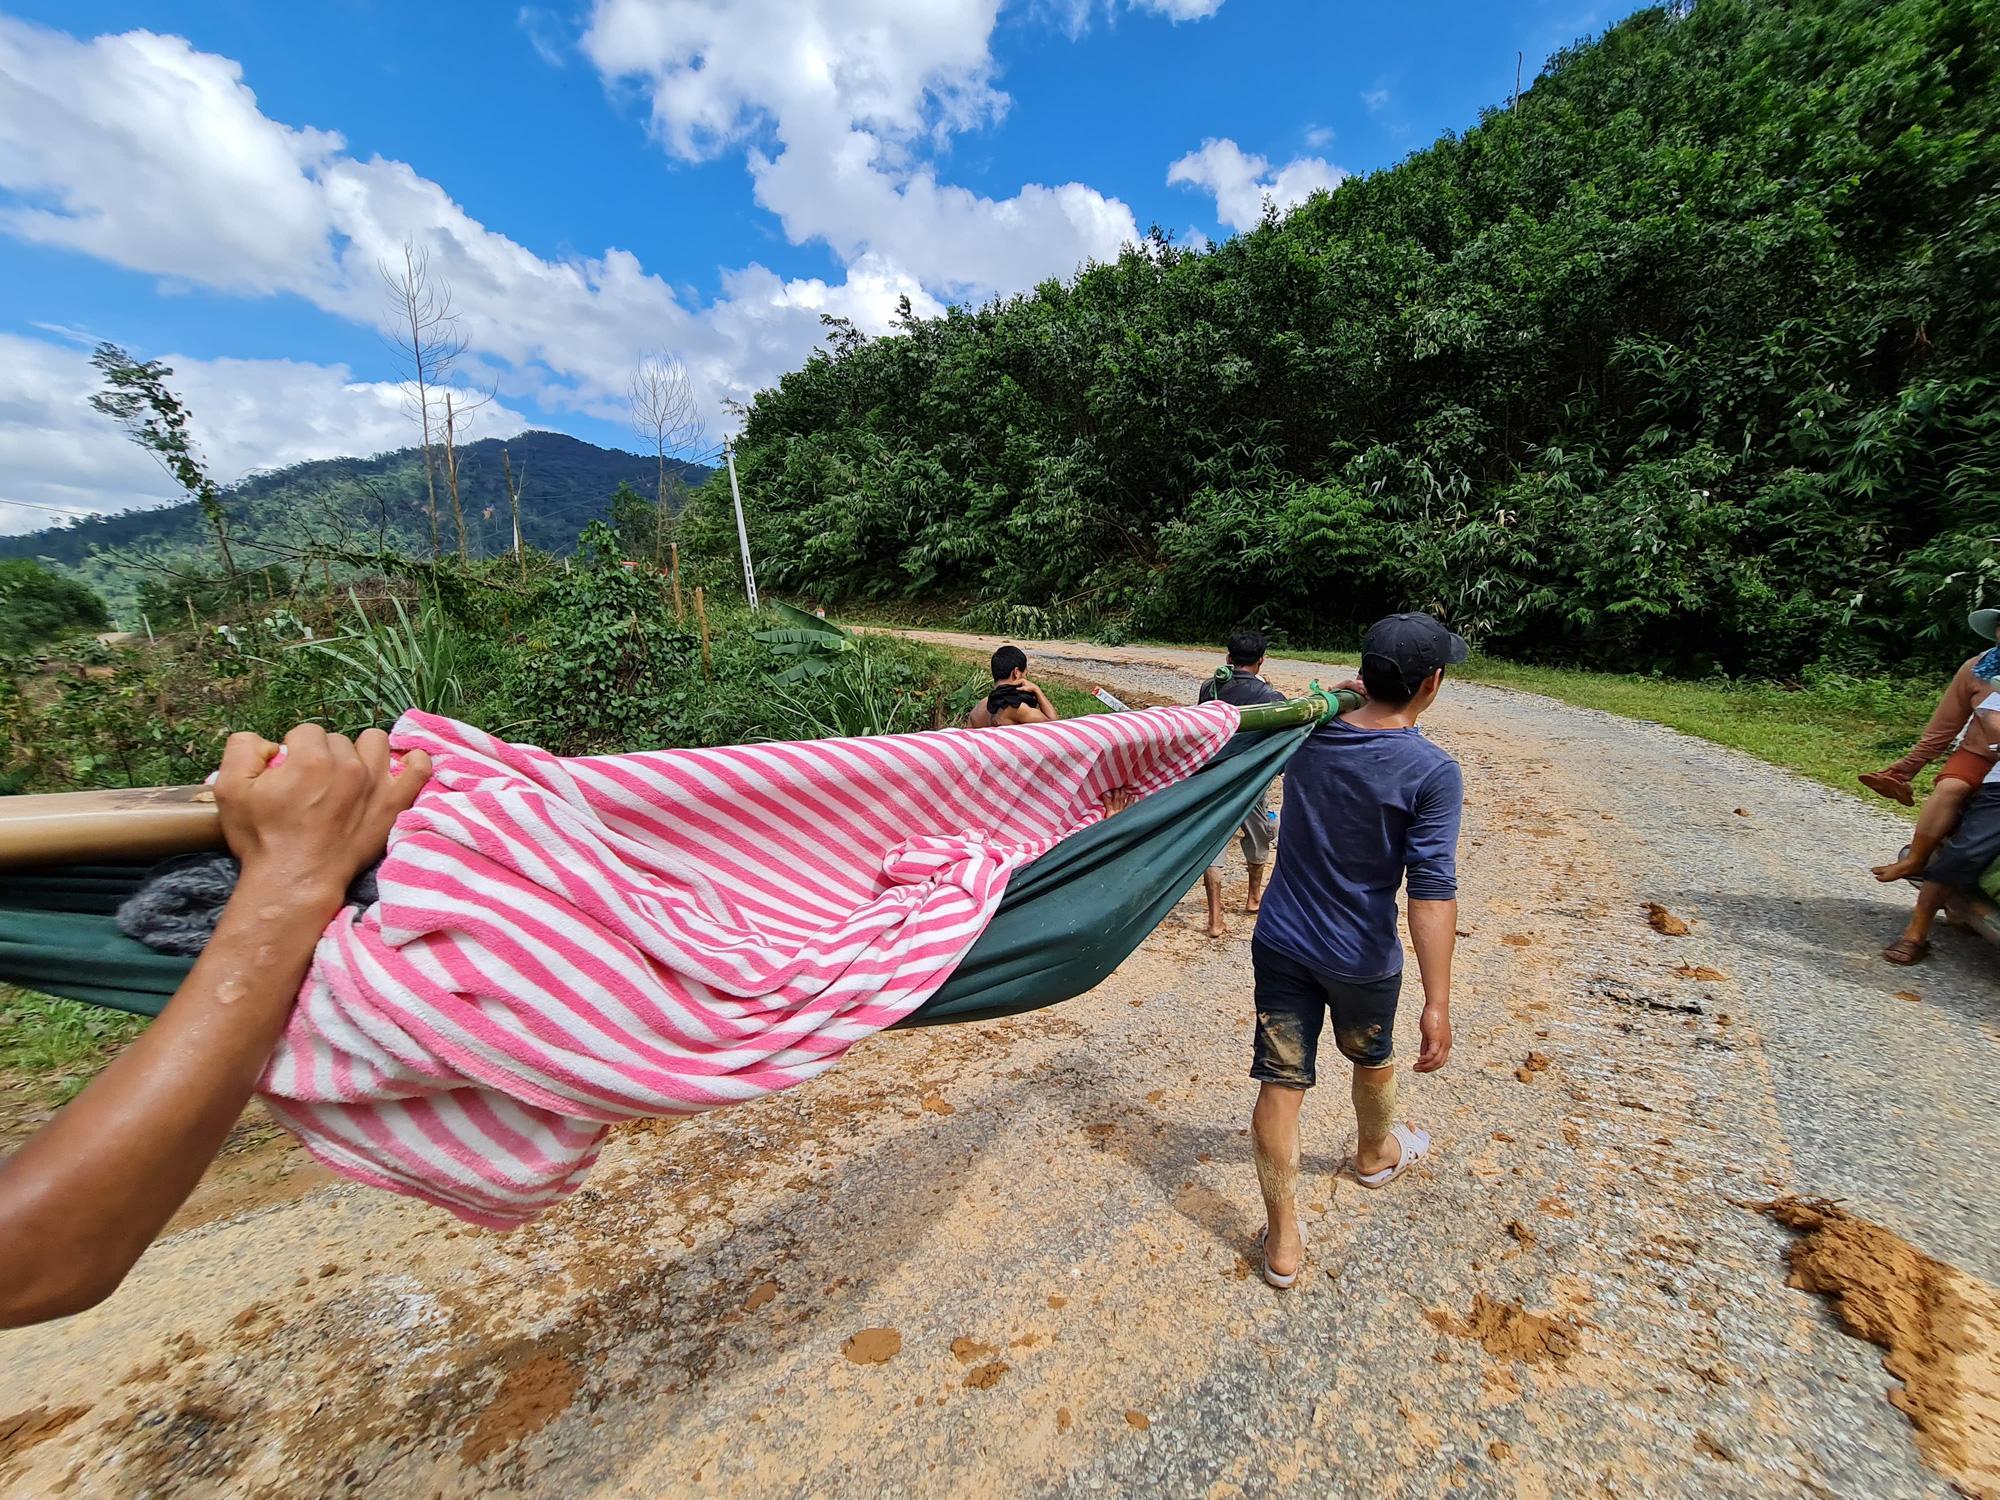 Nóng: Nhanh chóng đưa người còn sống trong vụ sạt lở ở Nam Trà My đi cấp cứu - Ảnh 6.